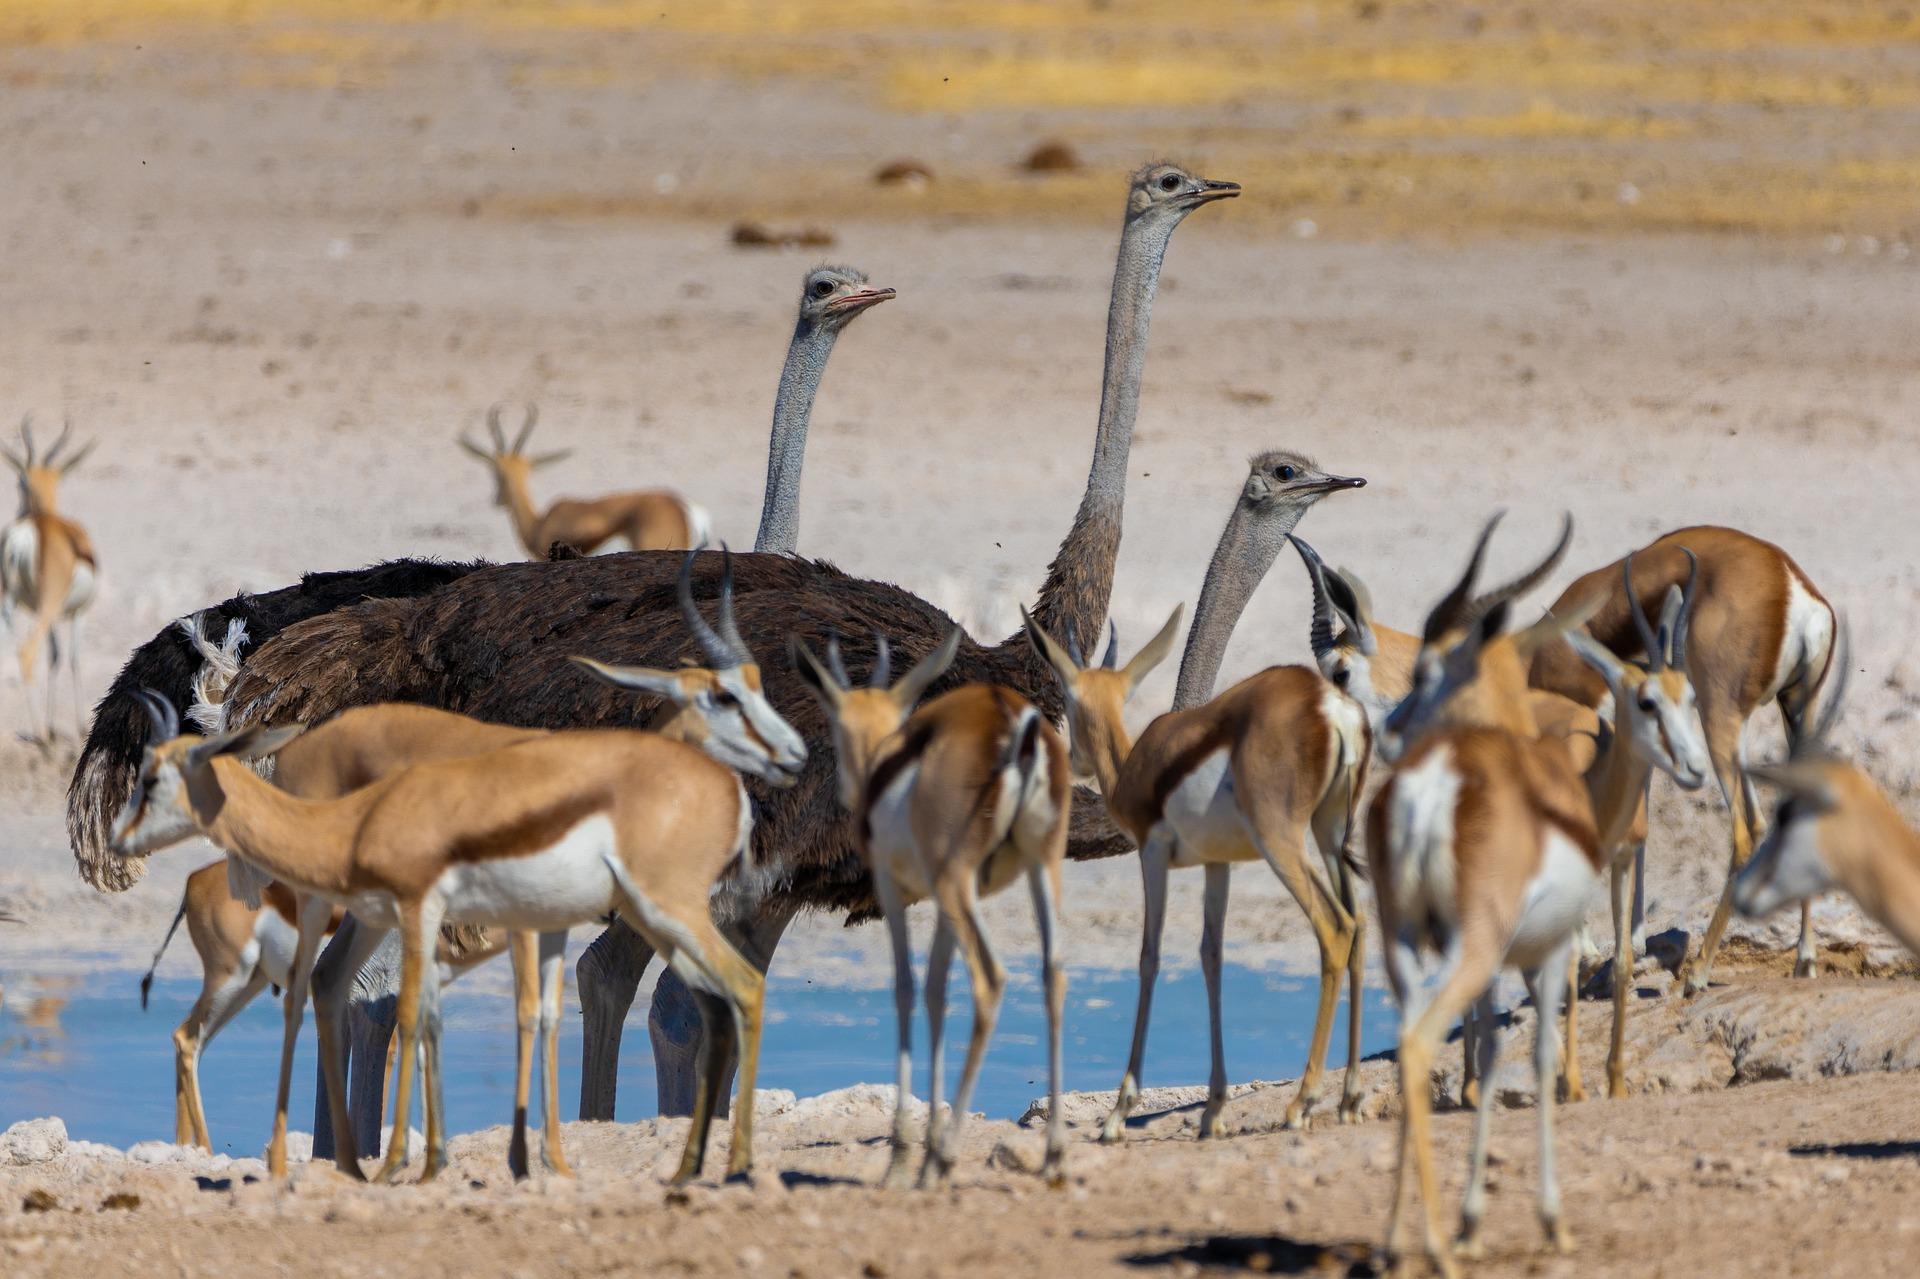 Ostrich & gazelle